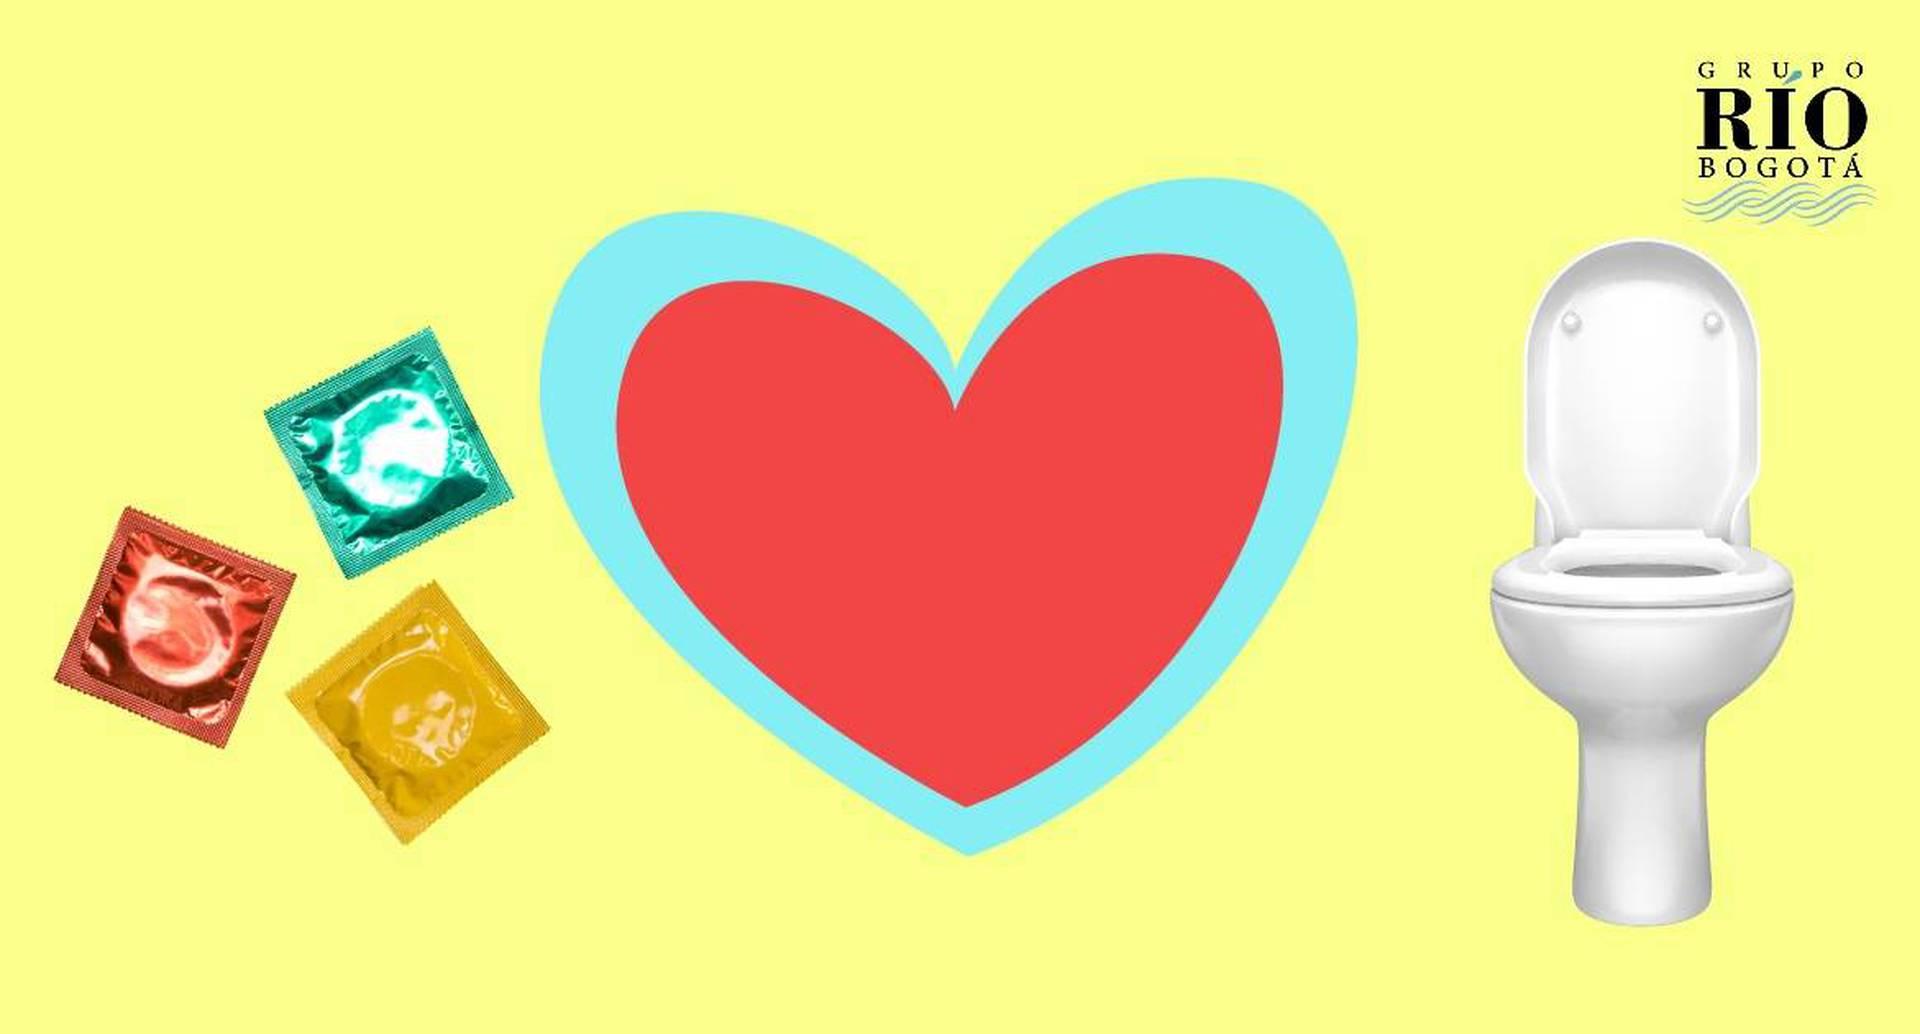 En el día del amor y la amistad no bote condones por el sanitario